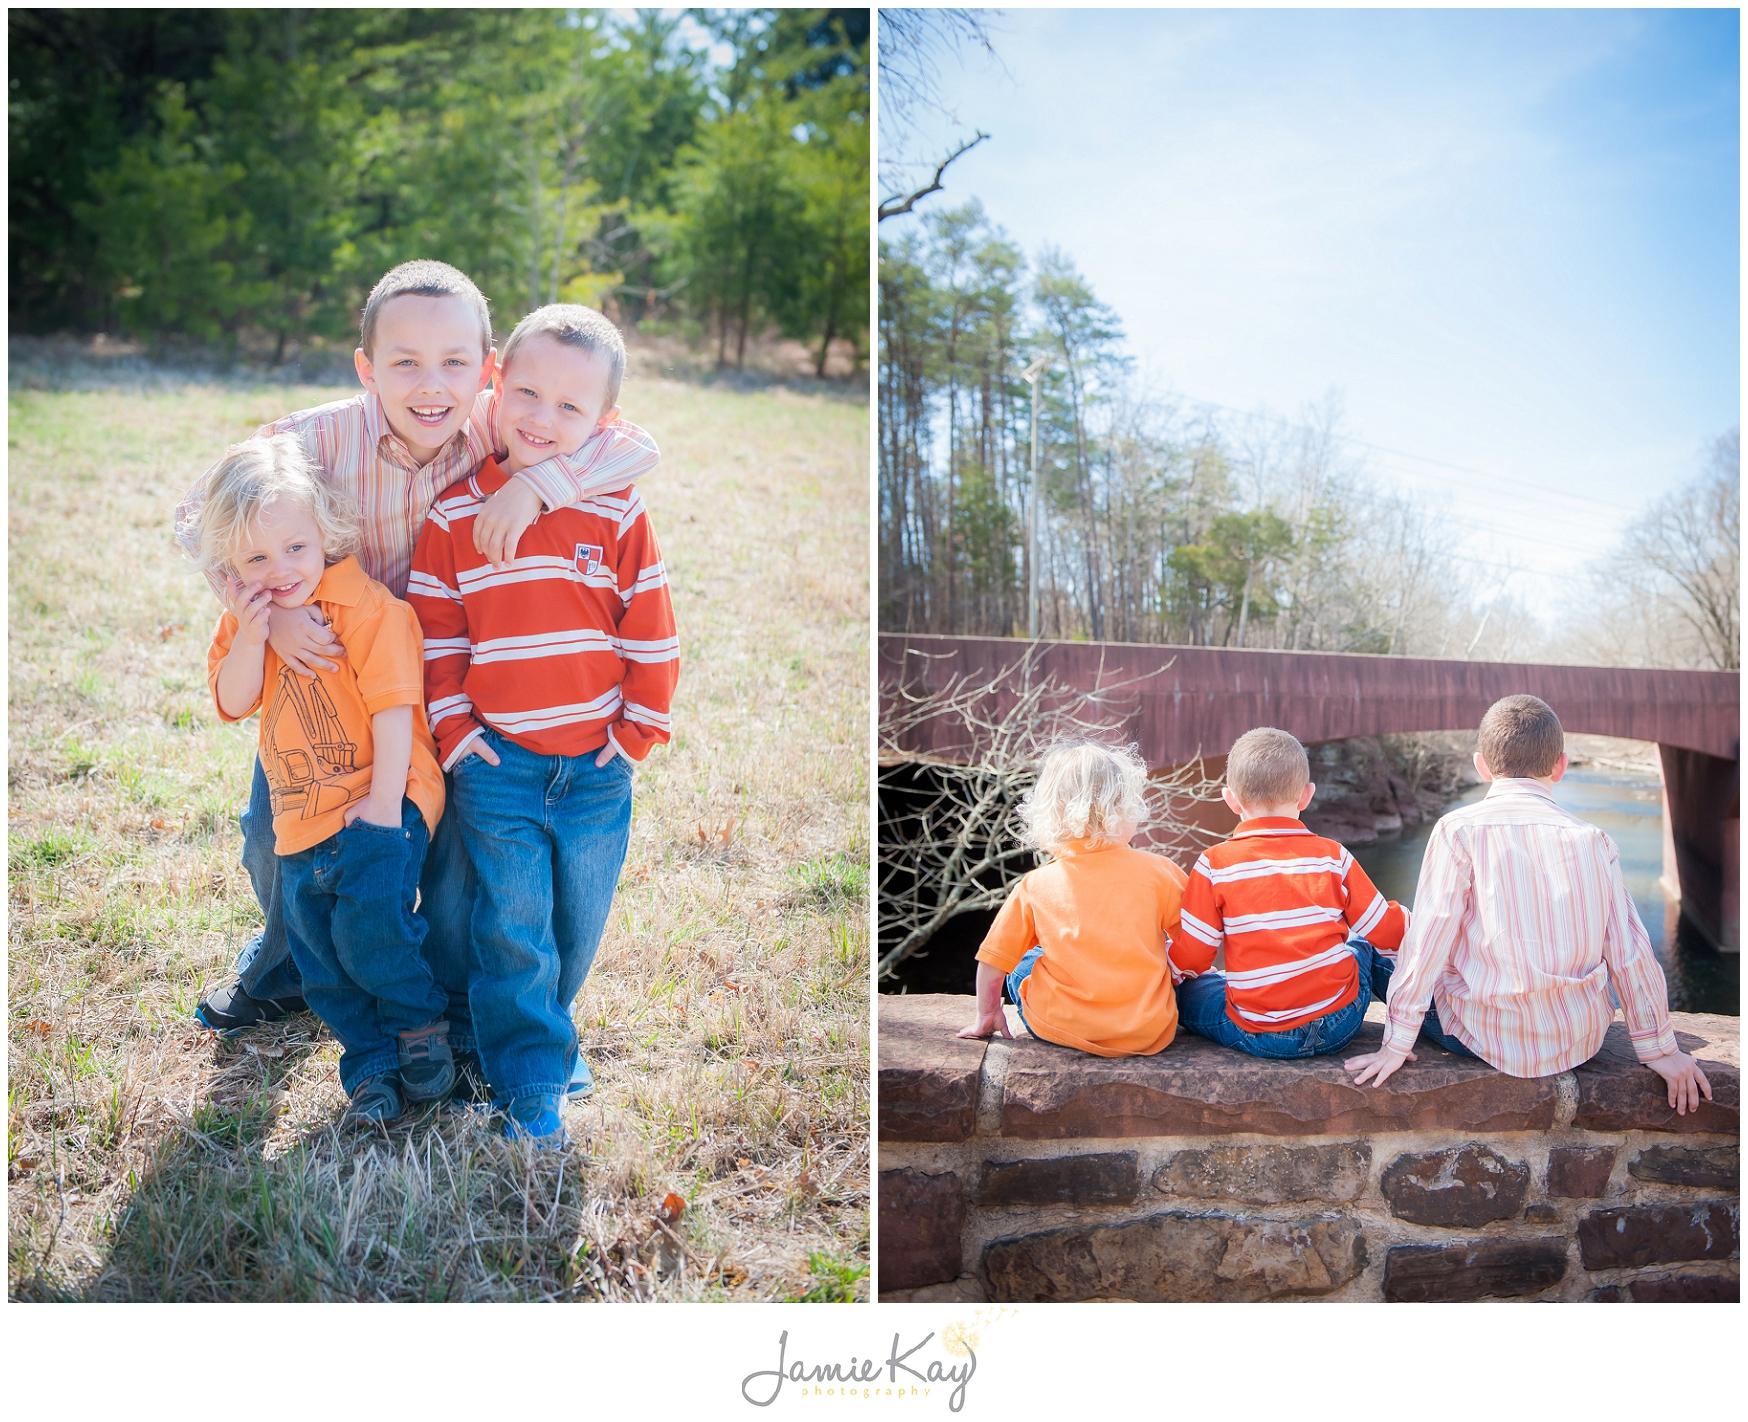 Cameron-Kids_0003.jpg